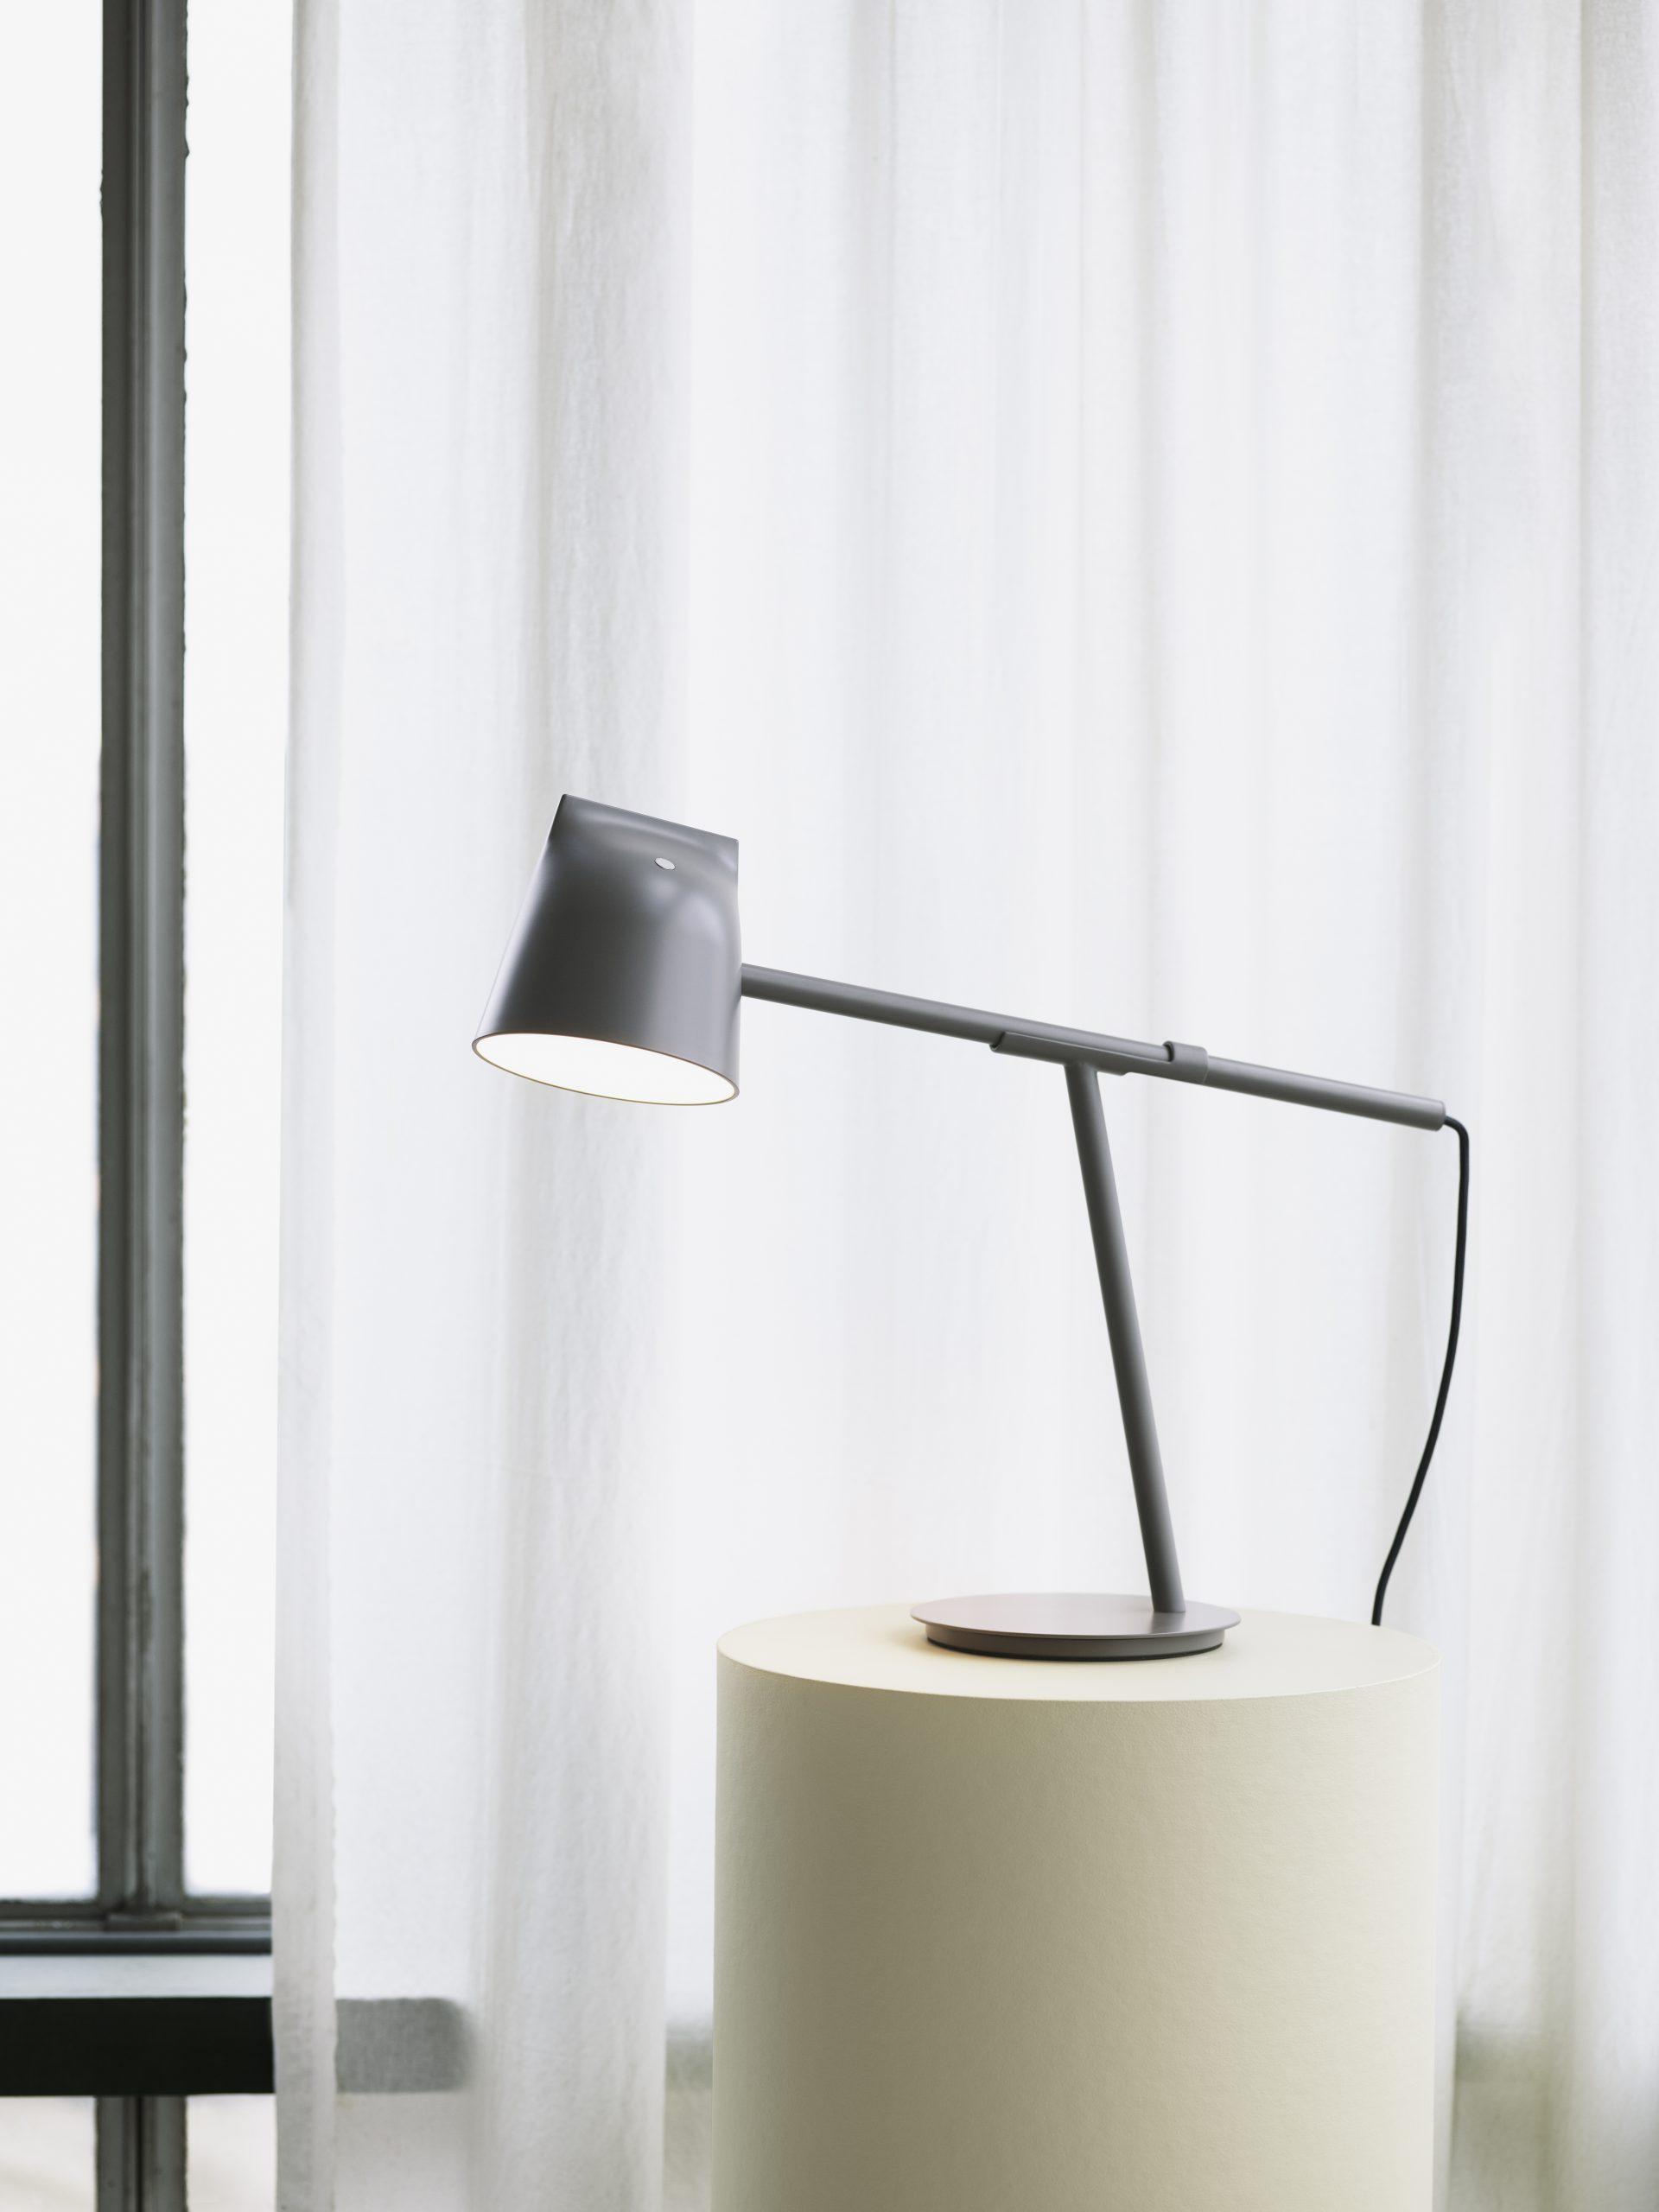 Momento desk lamp by Debiasi sandri for Normann Copenhagen